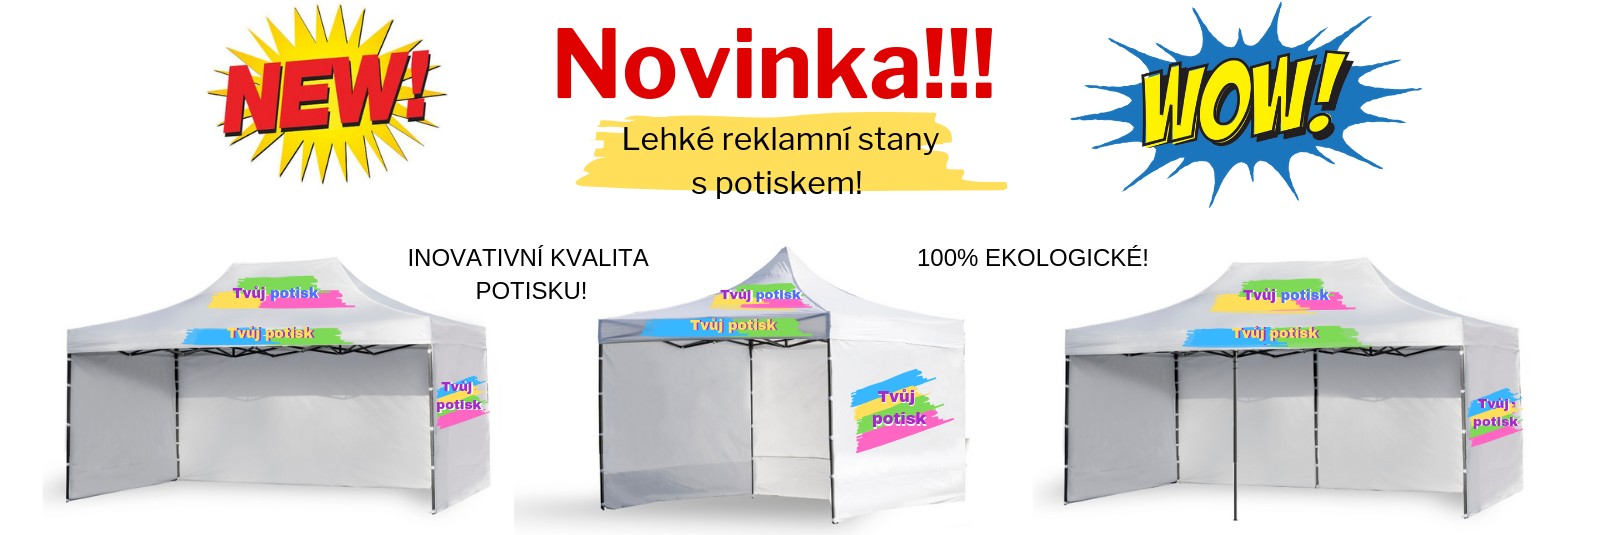 Namioty reklamowe lekkie z nadrukiem czeskie